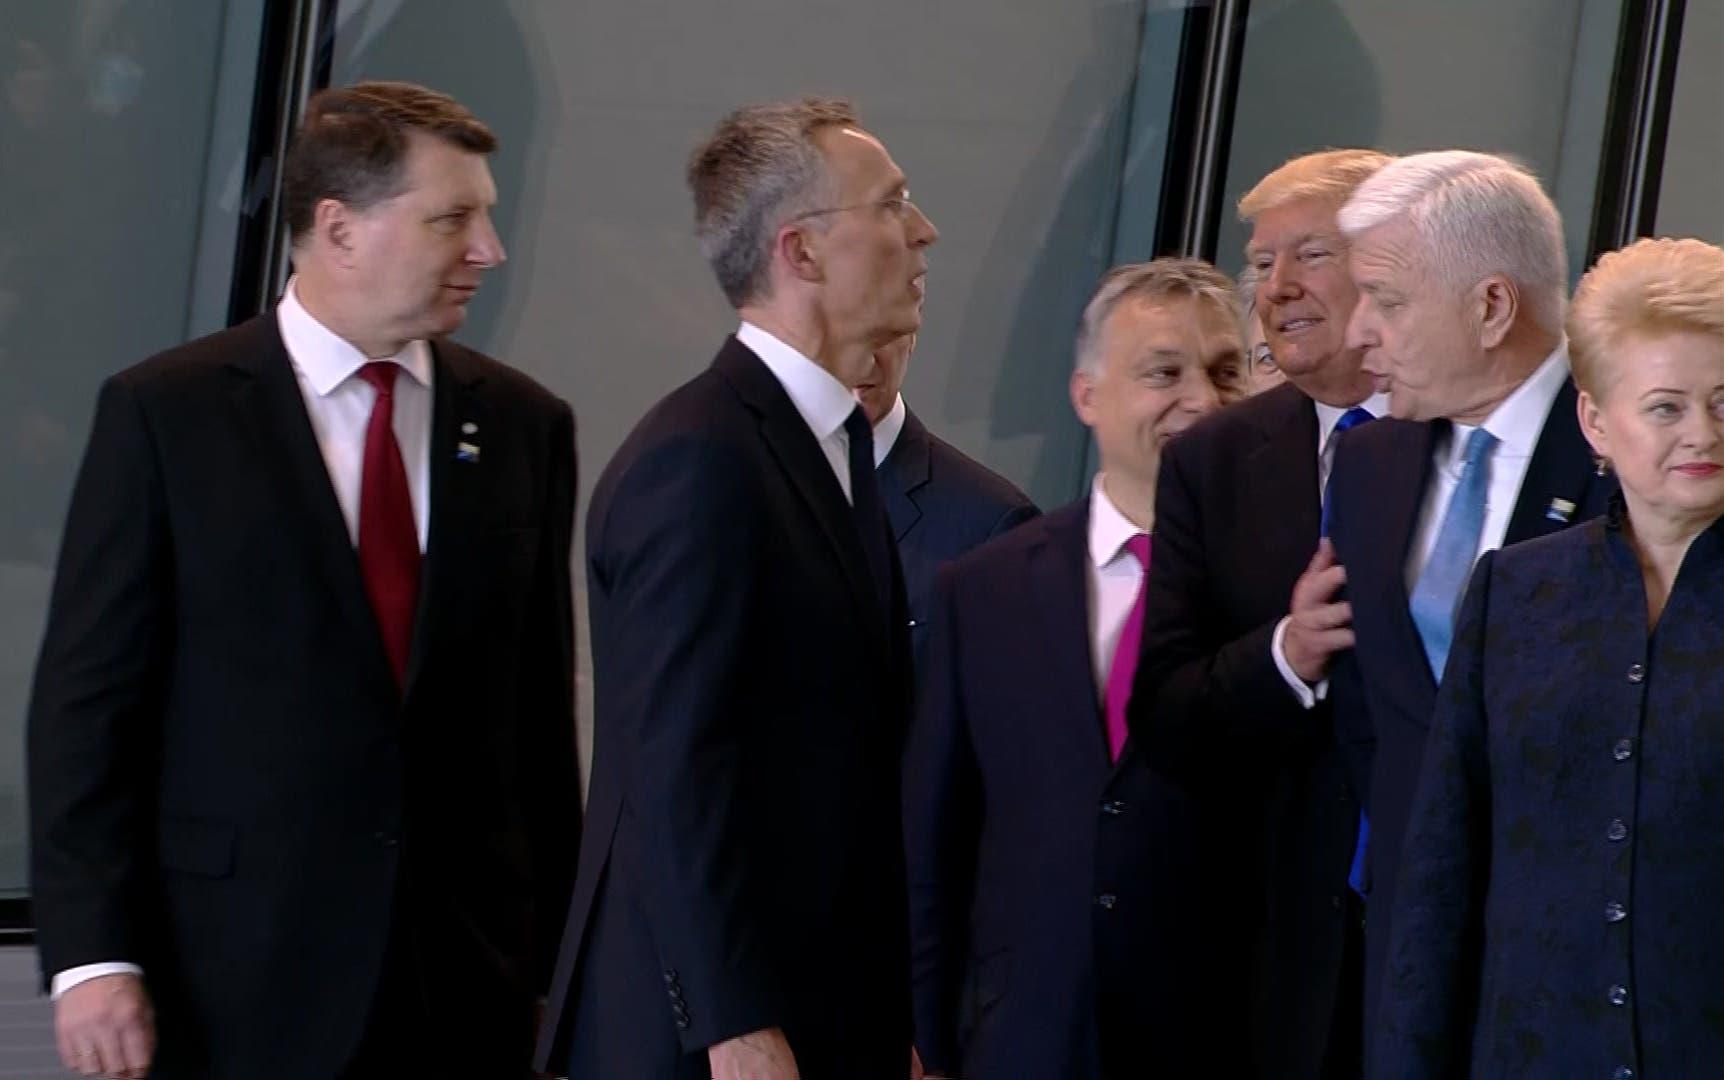 En esta imagen se aprecia cuando el primer ministro de Montenegro, Dusko Markovic, aparentemente es empujado por Donald Trump durante una reunión en la sede de la OTAN.